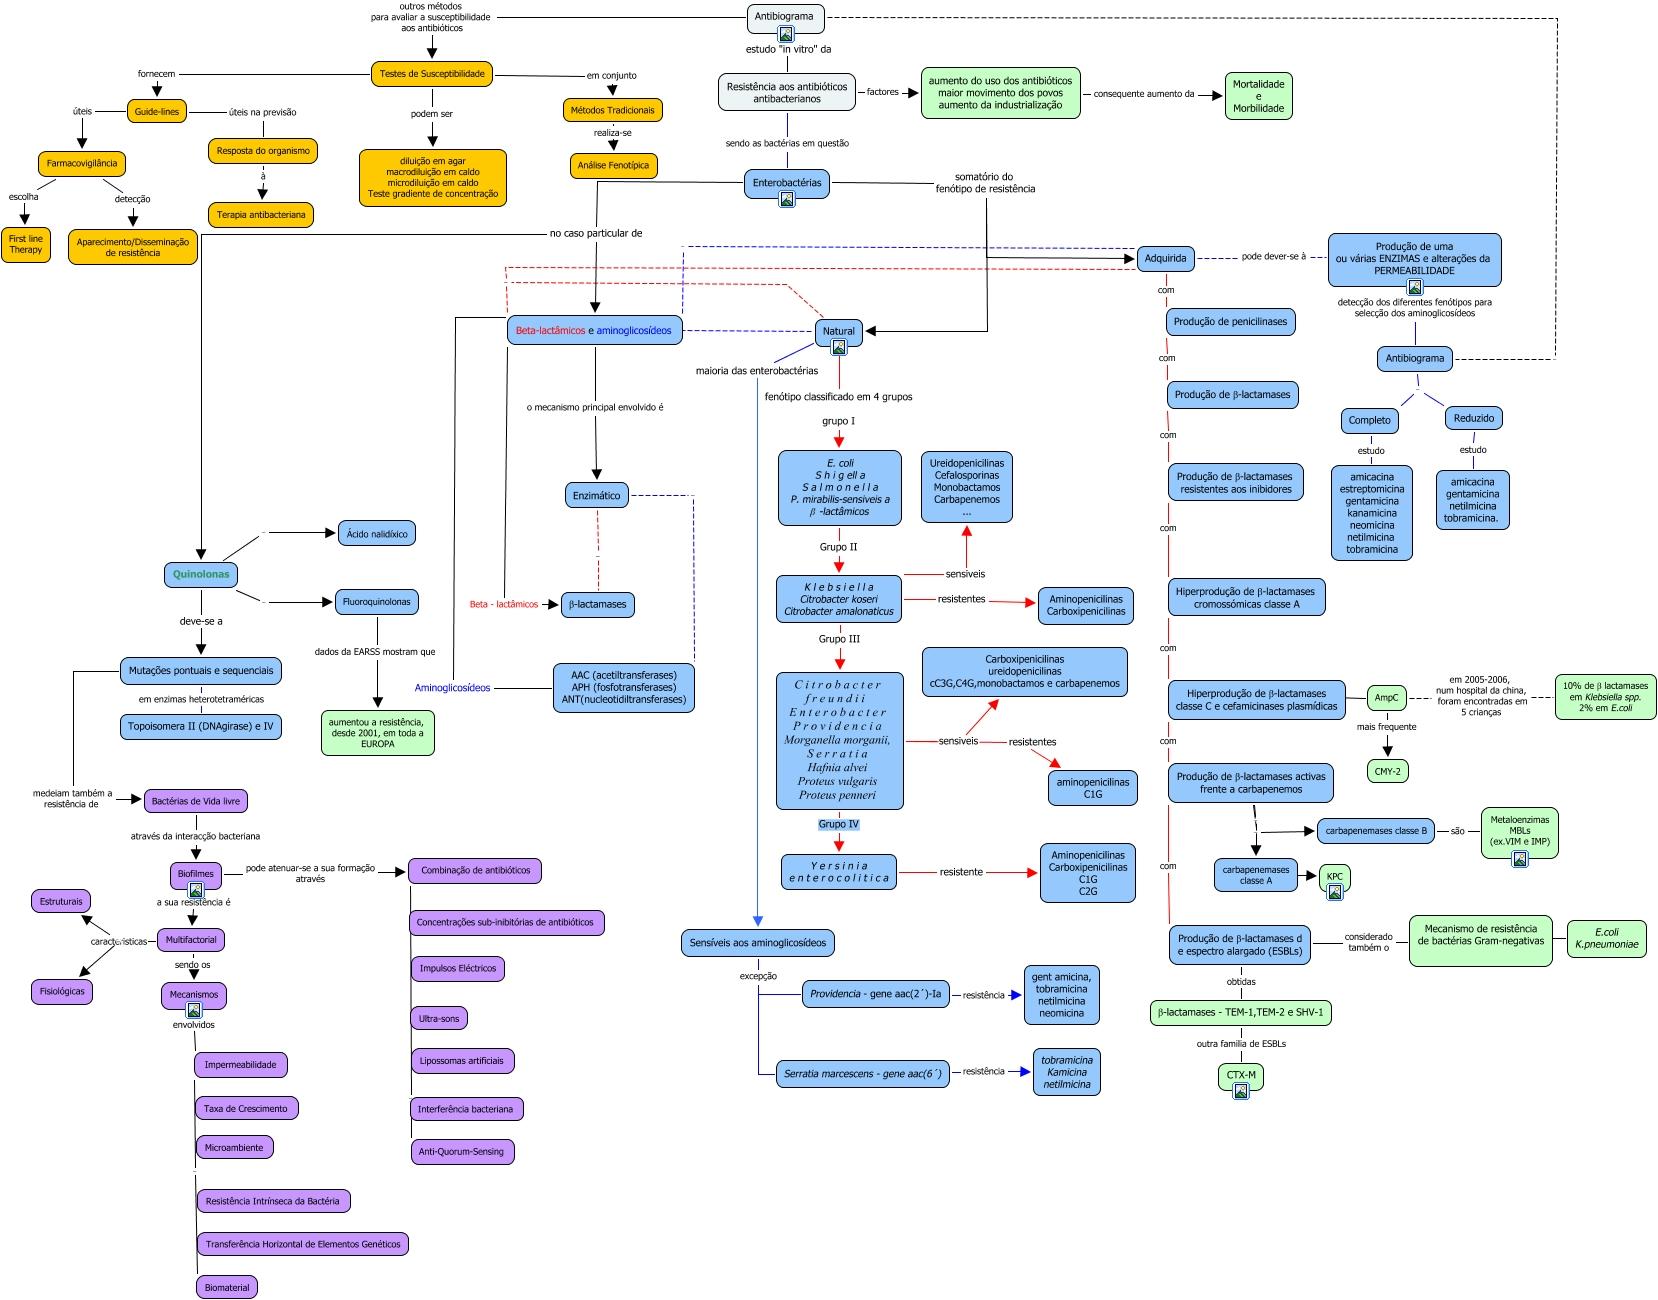 mapa de conceitos Mapa de conceitos   3trabalho mapa de conceitos